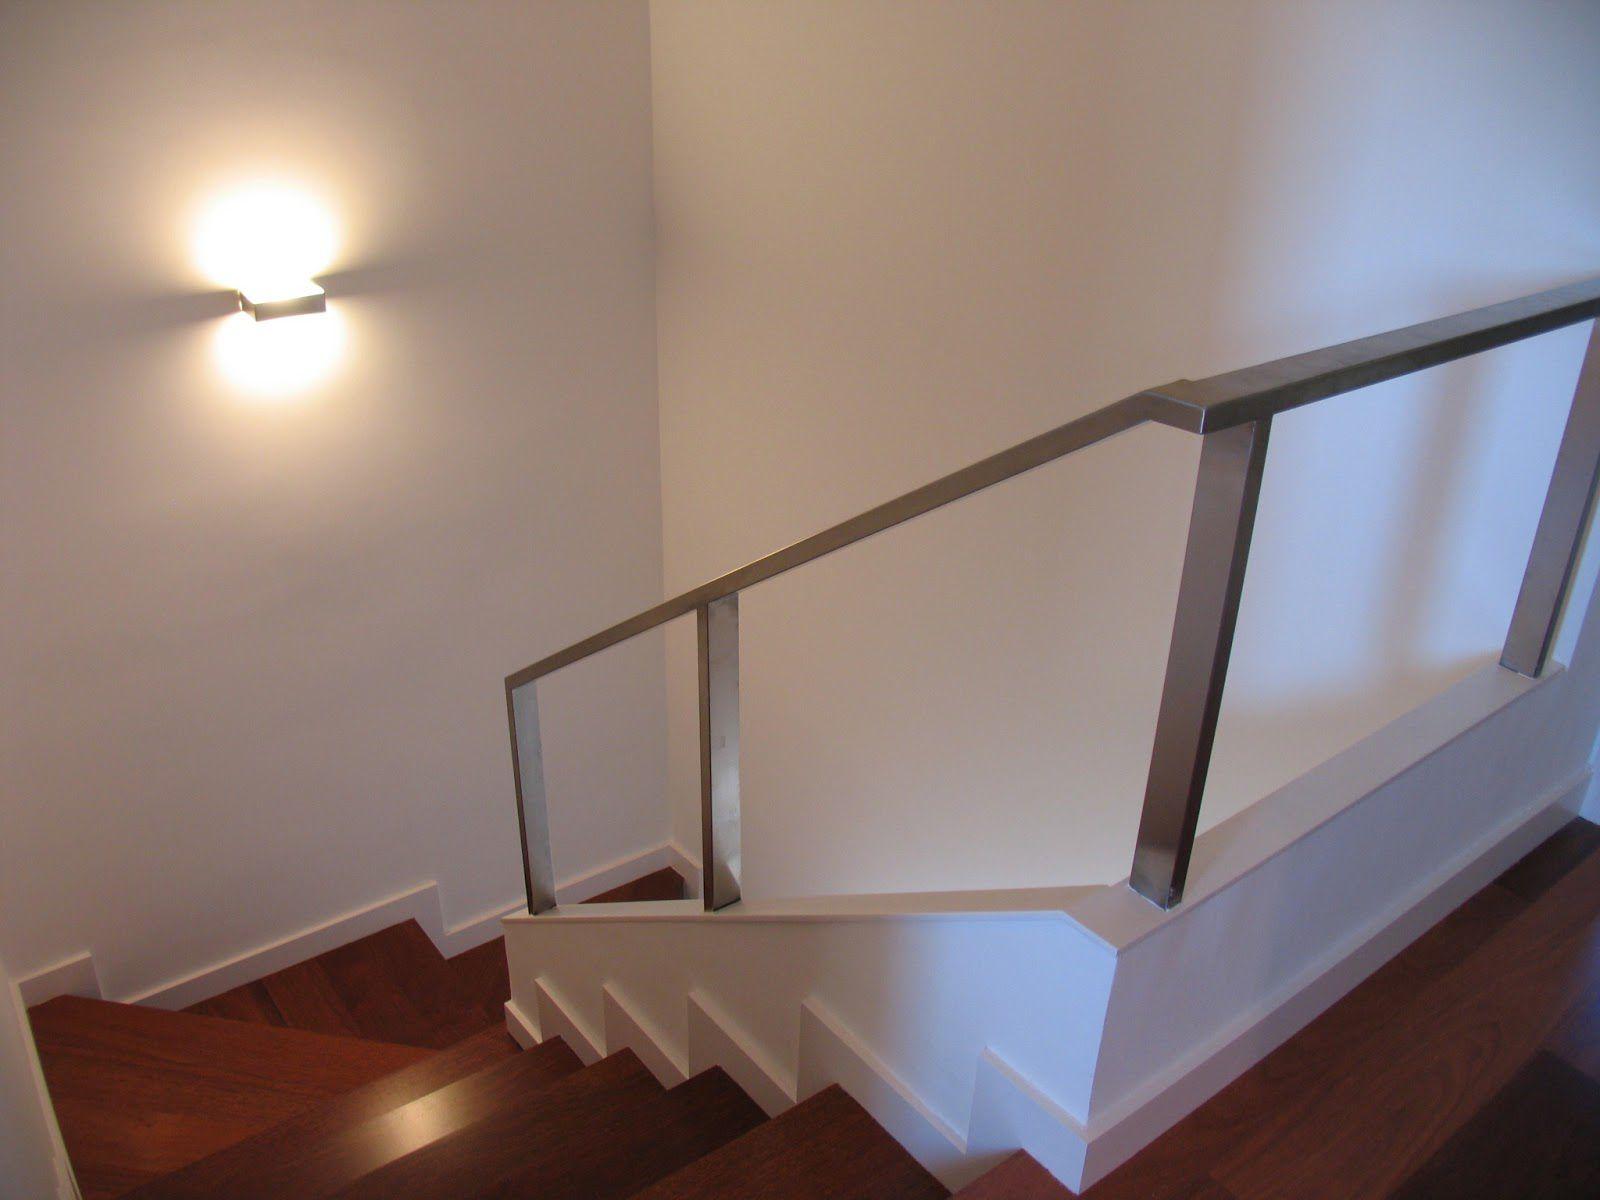 Apolo de pujol iluminaci n el blog de for Iluminacion escaleras interiores